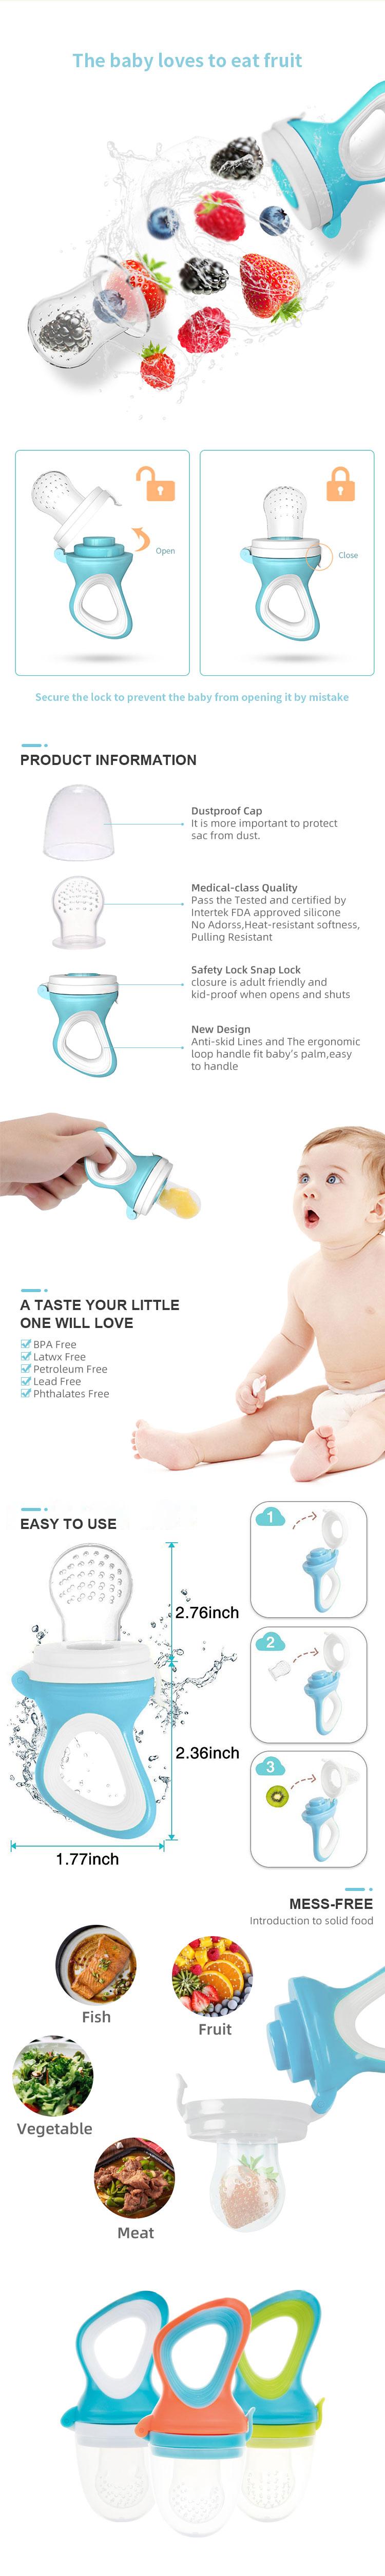 Baby-fresh-fruit-feeder-2.jpg